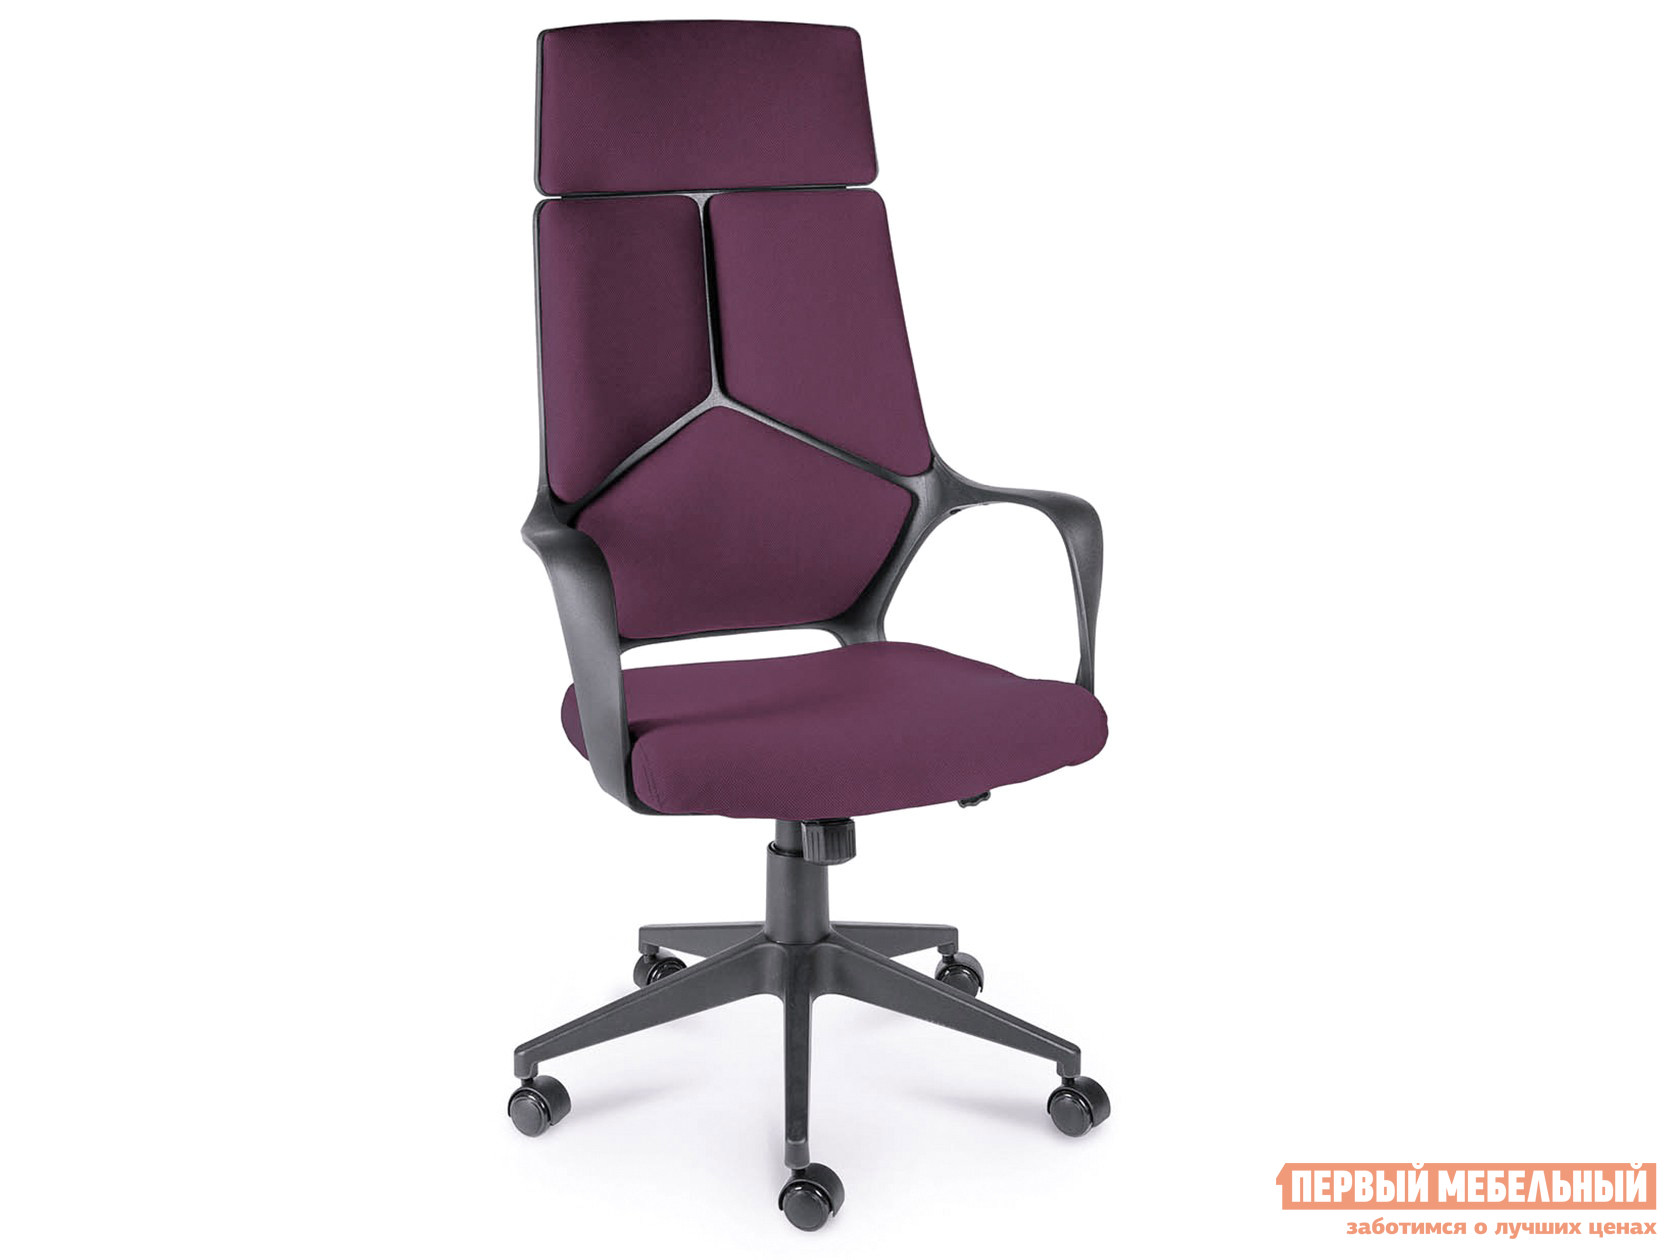 Офисное кресло  Norden IQ CX0898H-1 Фиолетовый, ткань